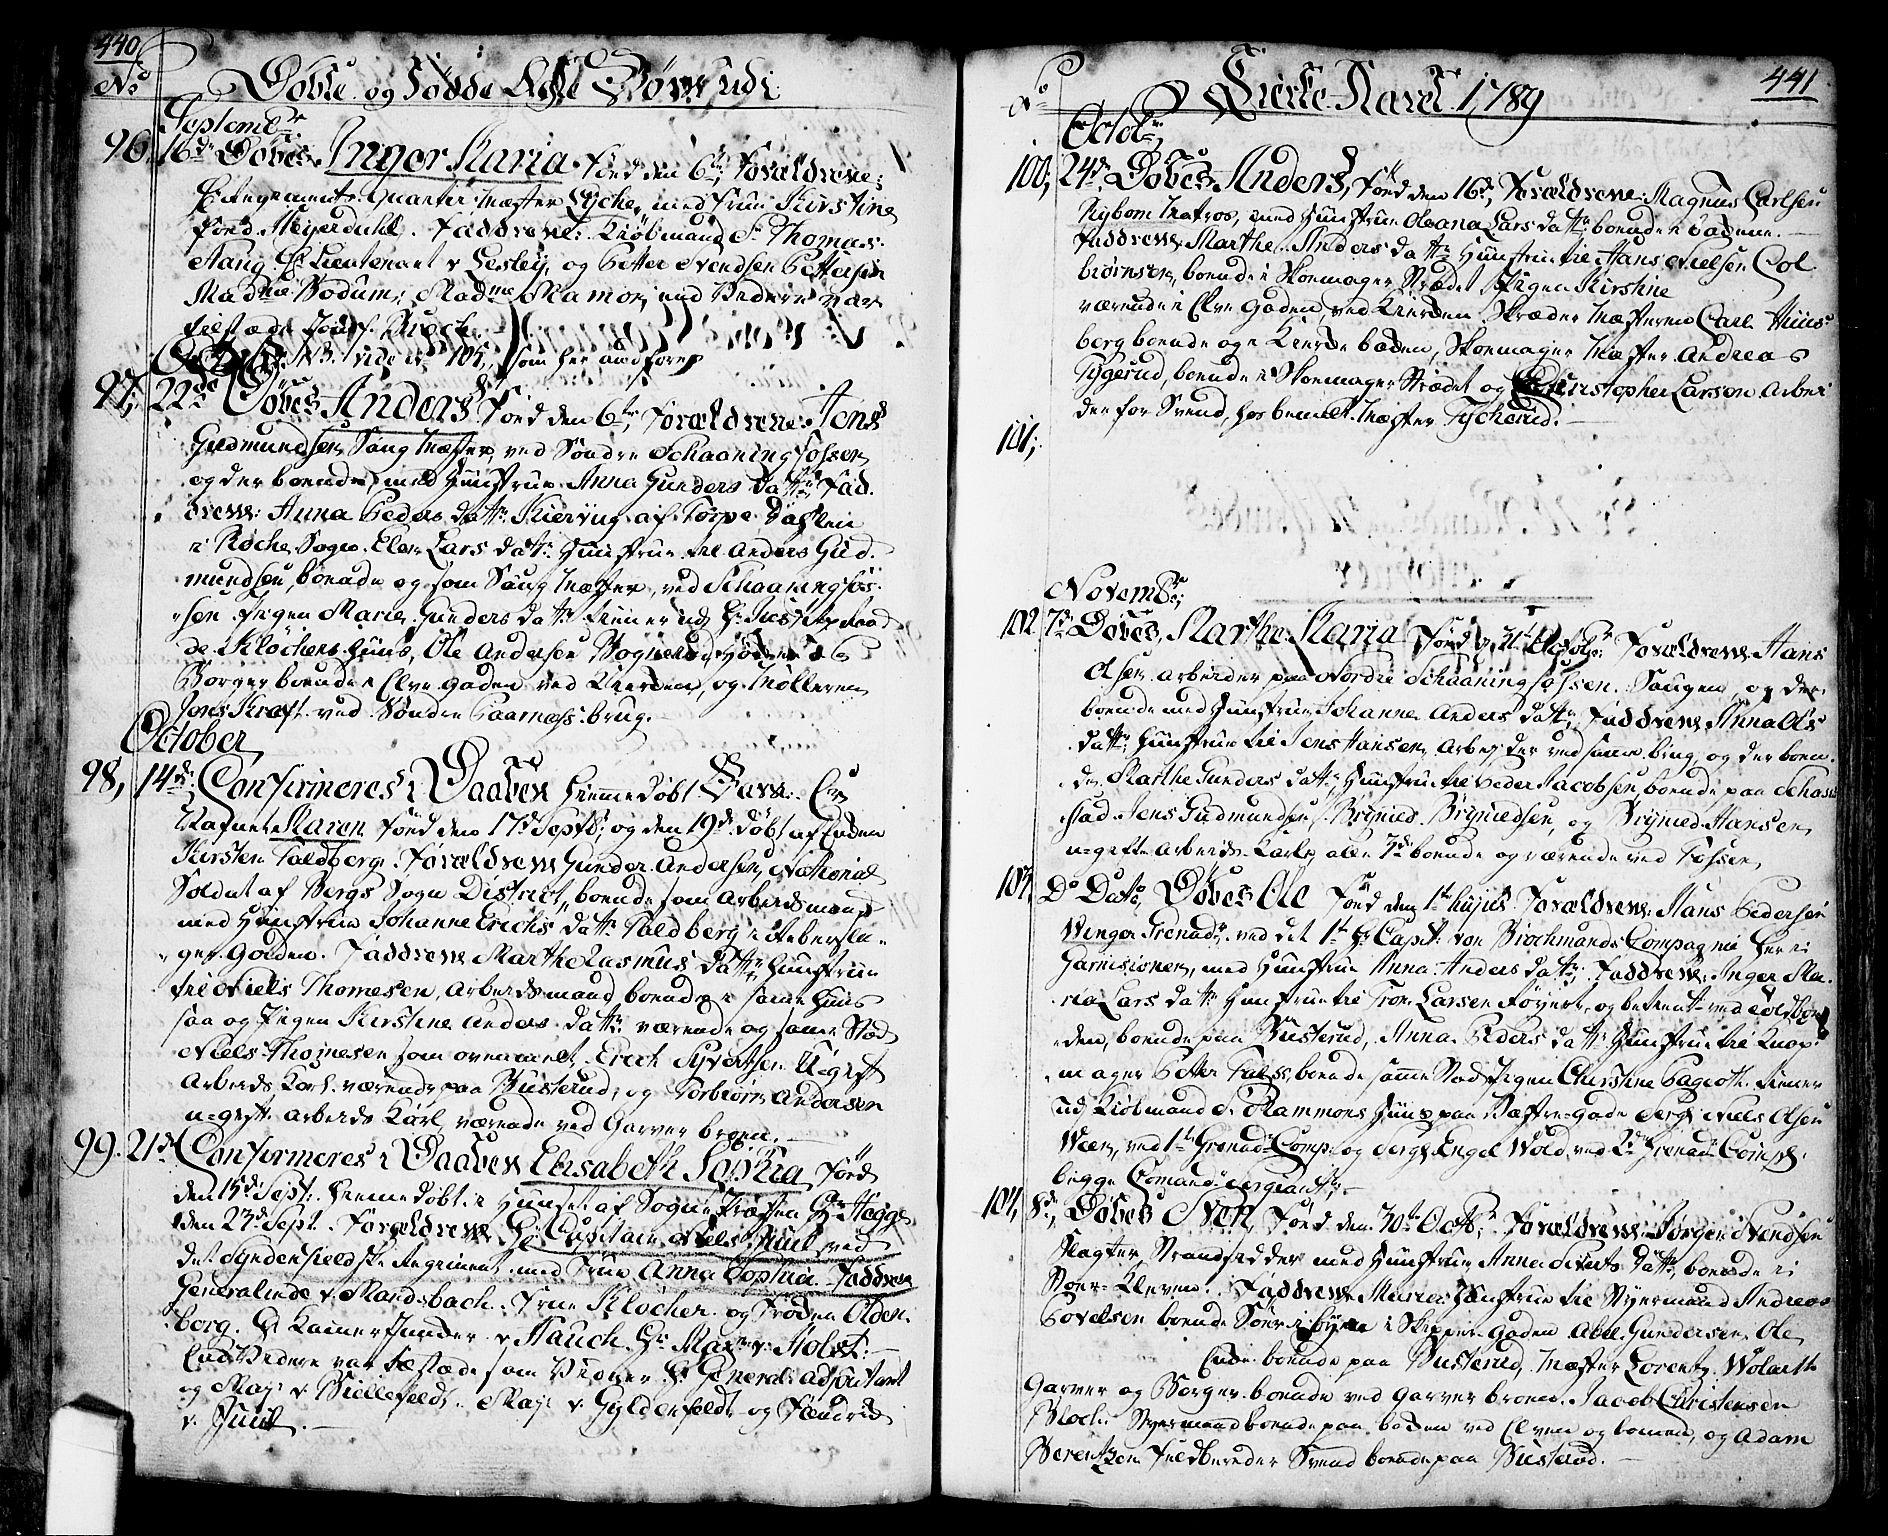 SAO, Halden prestekontor Kirkebøker, F/Fa/L0001: Ministerialbok nr. I 1, 1758-1791, s. 440-441